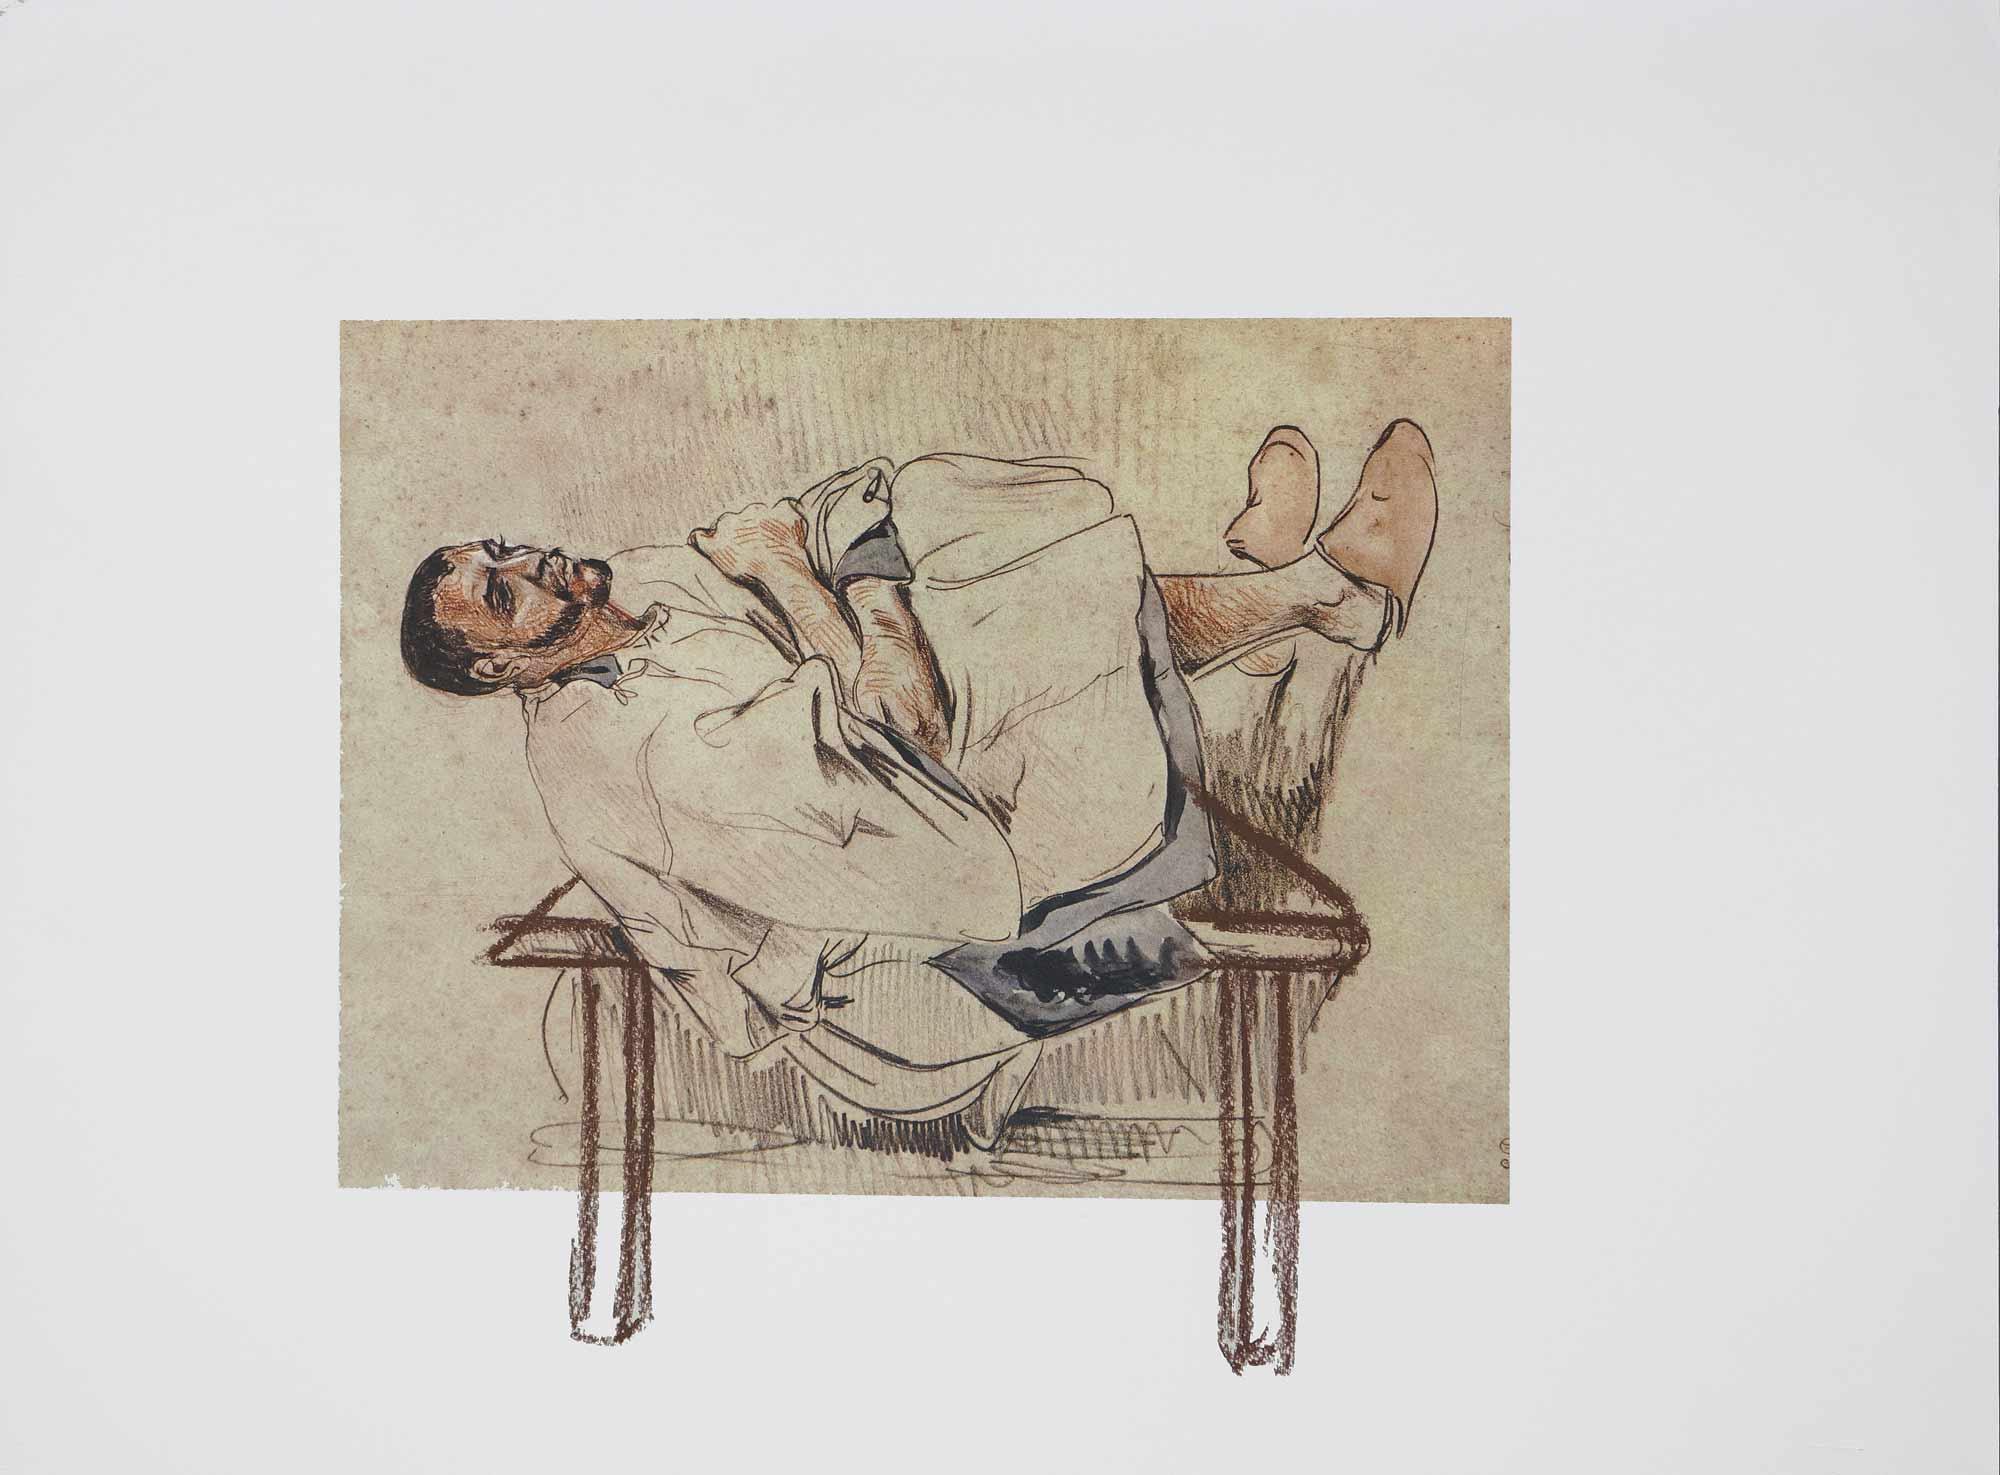 Dessin sur dessin - 2013 – Sanguine. 50 x 40 cm. Denis Falgoux